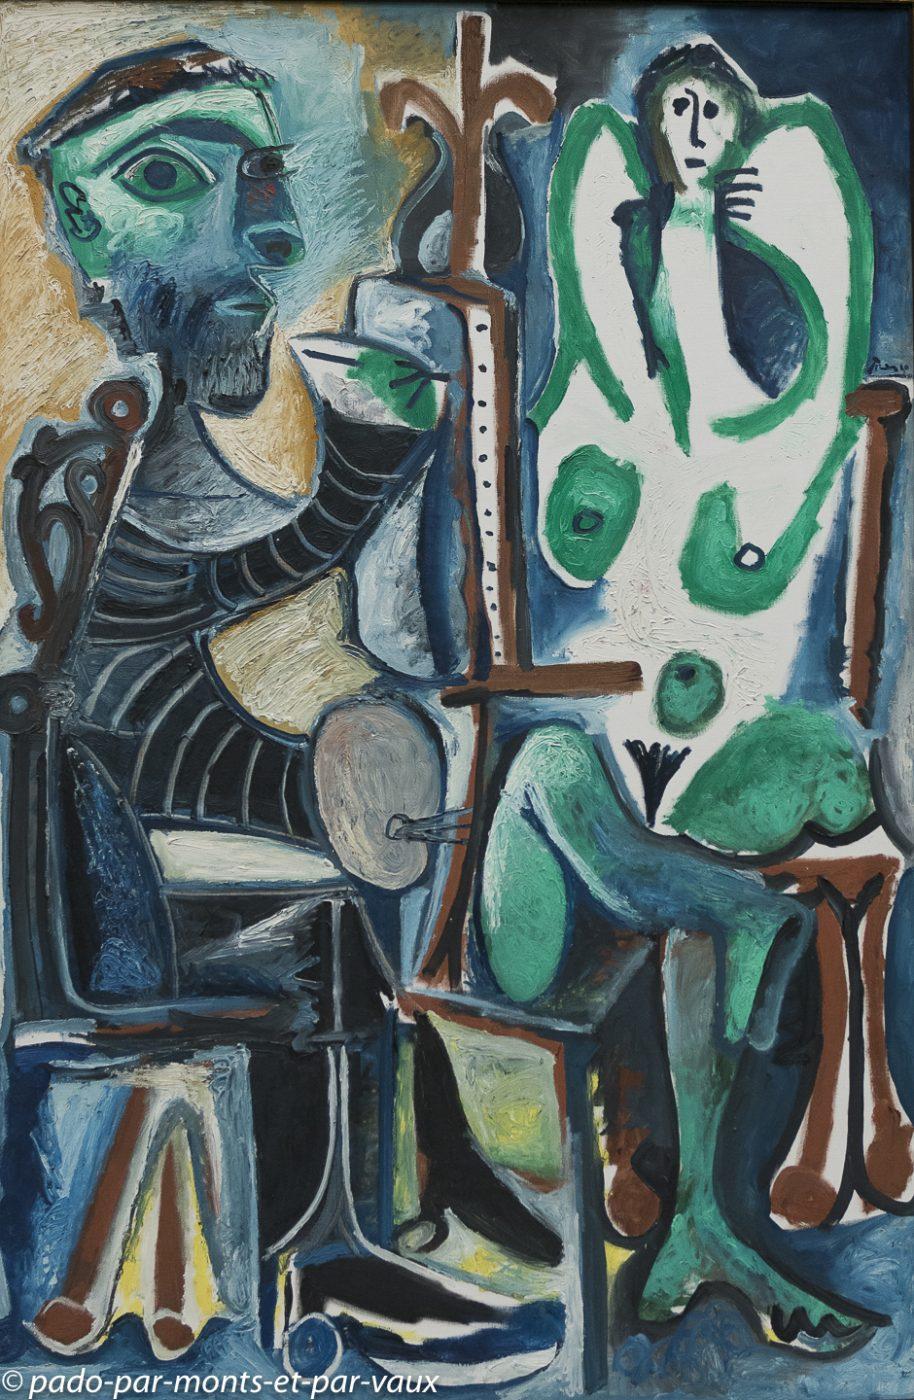 Munich pinacothèque d'art moderne - Picasso